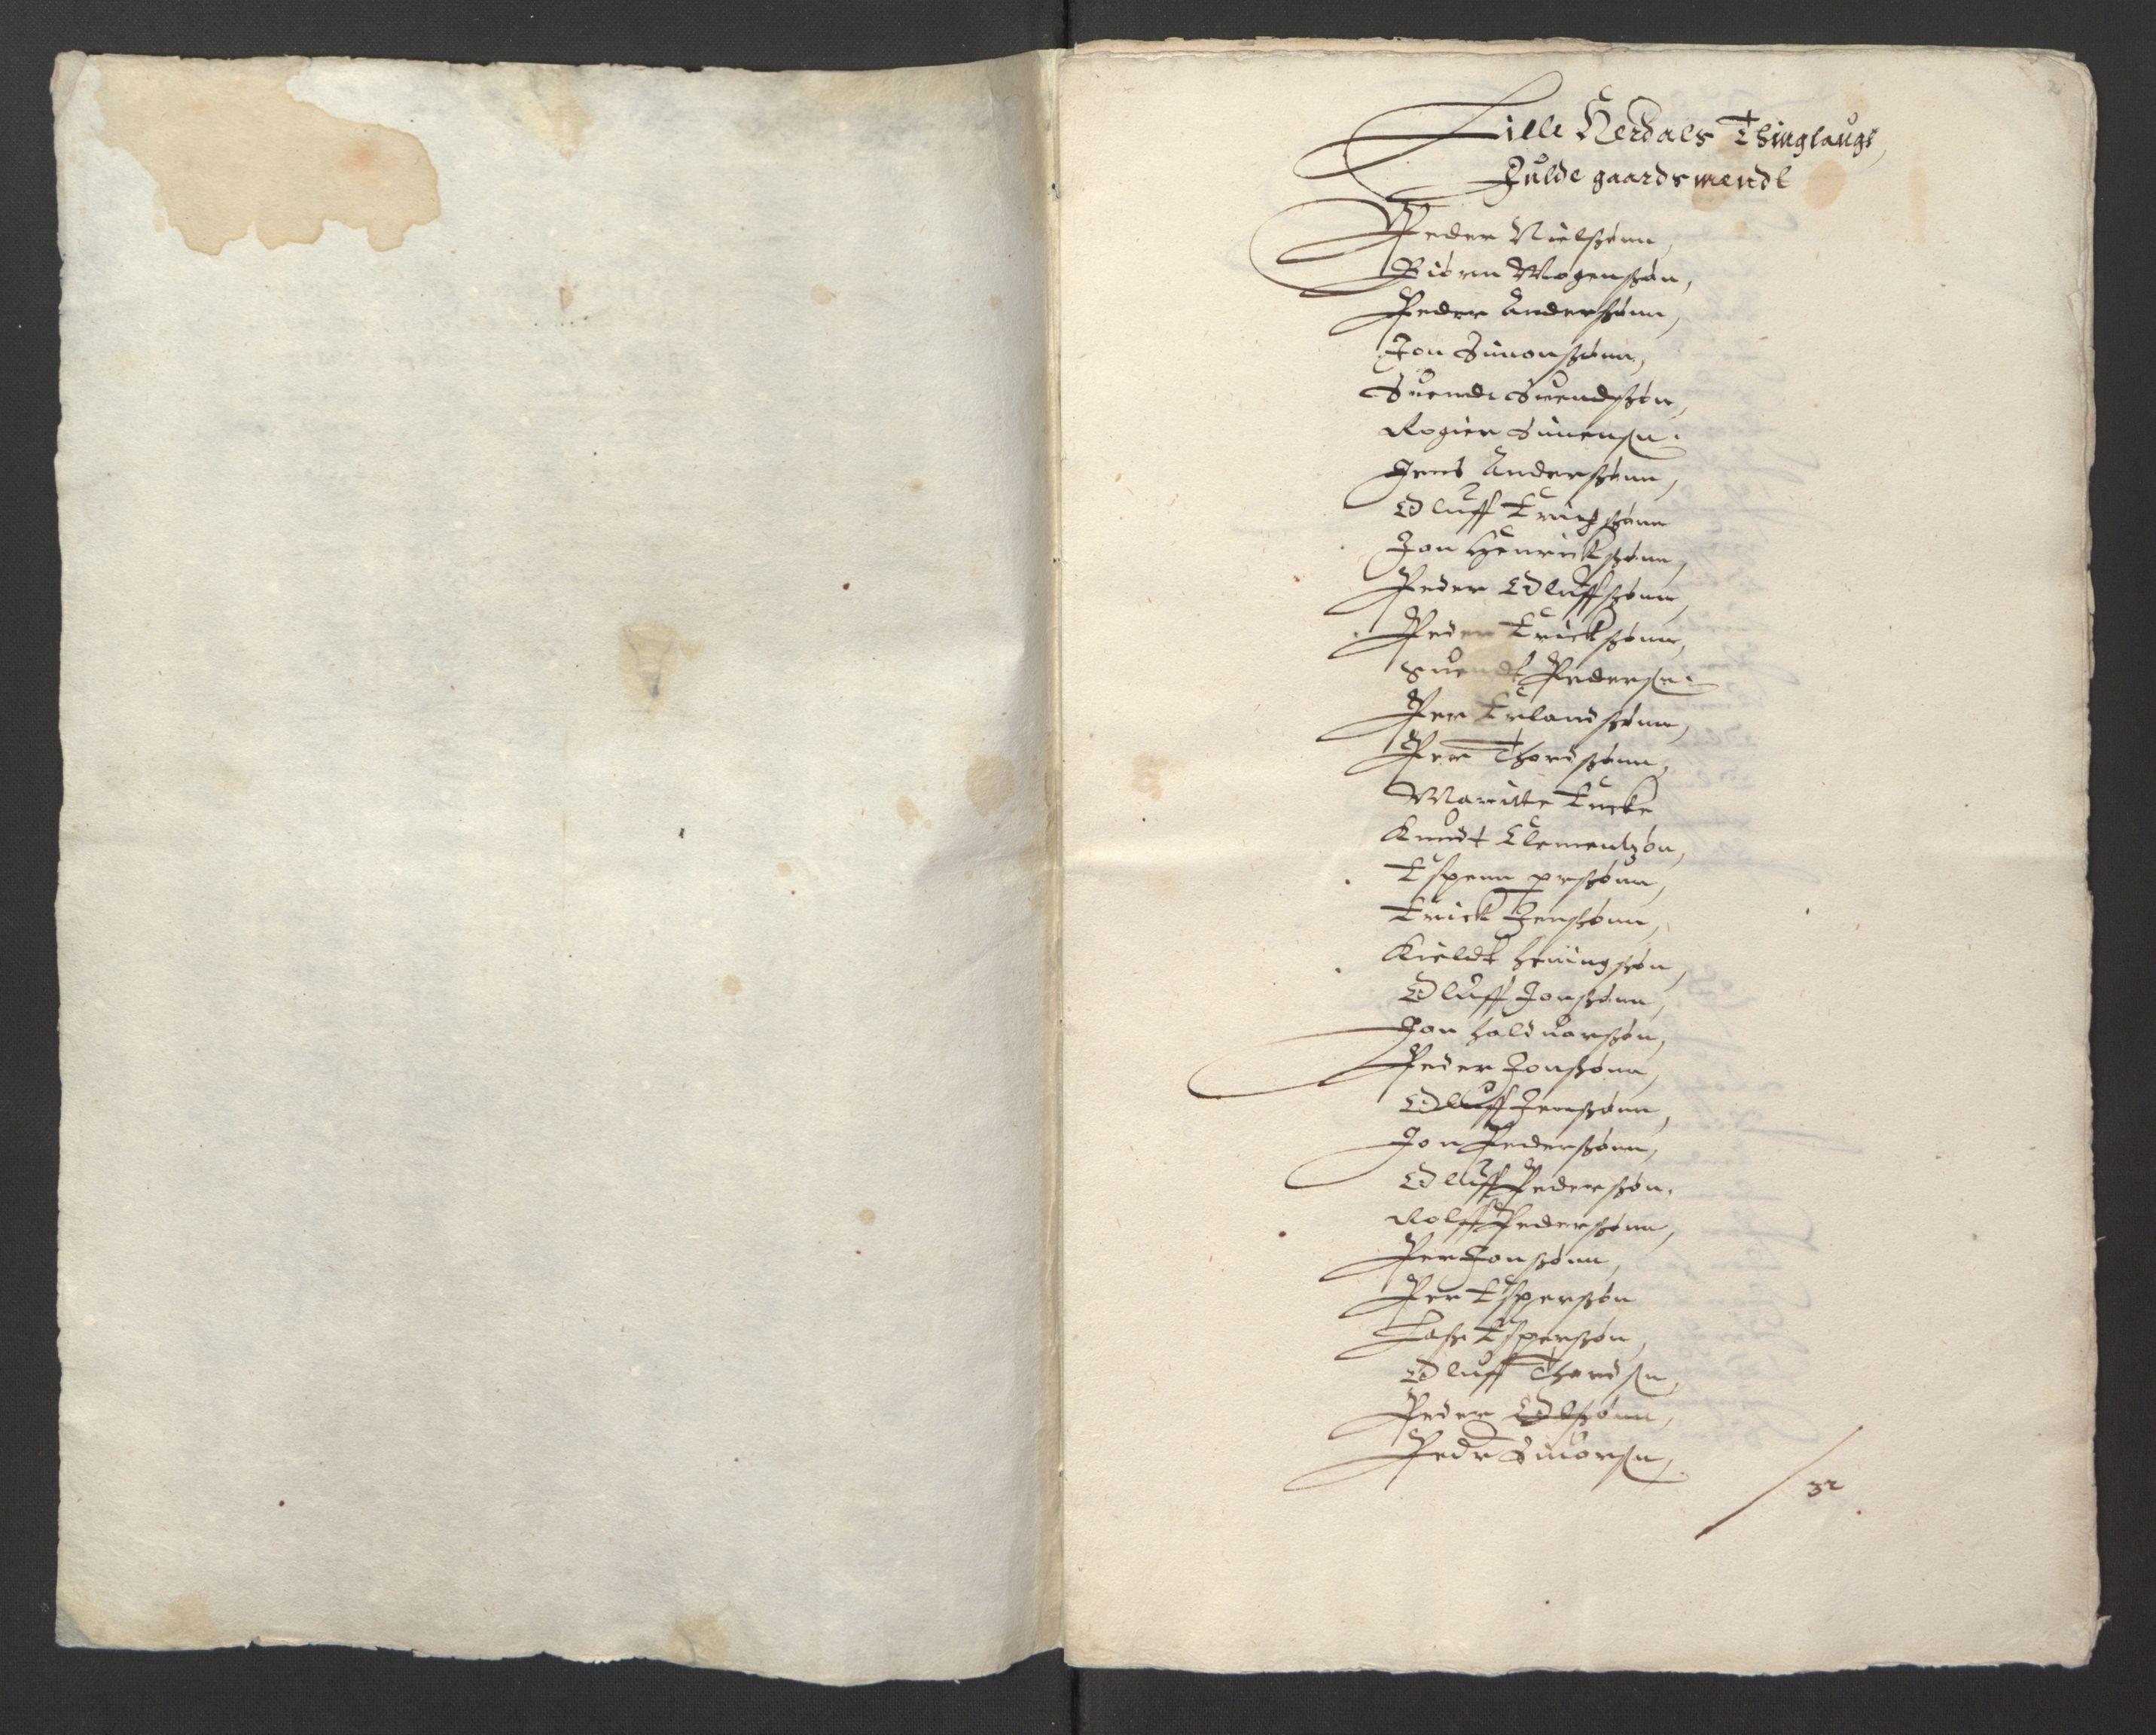 RA, Stattholderembetet 1572-1771, Ek/L0013: Jordebøker til utlikning av rosstjeneste 1624-1626:, 1624-1625, s. 141